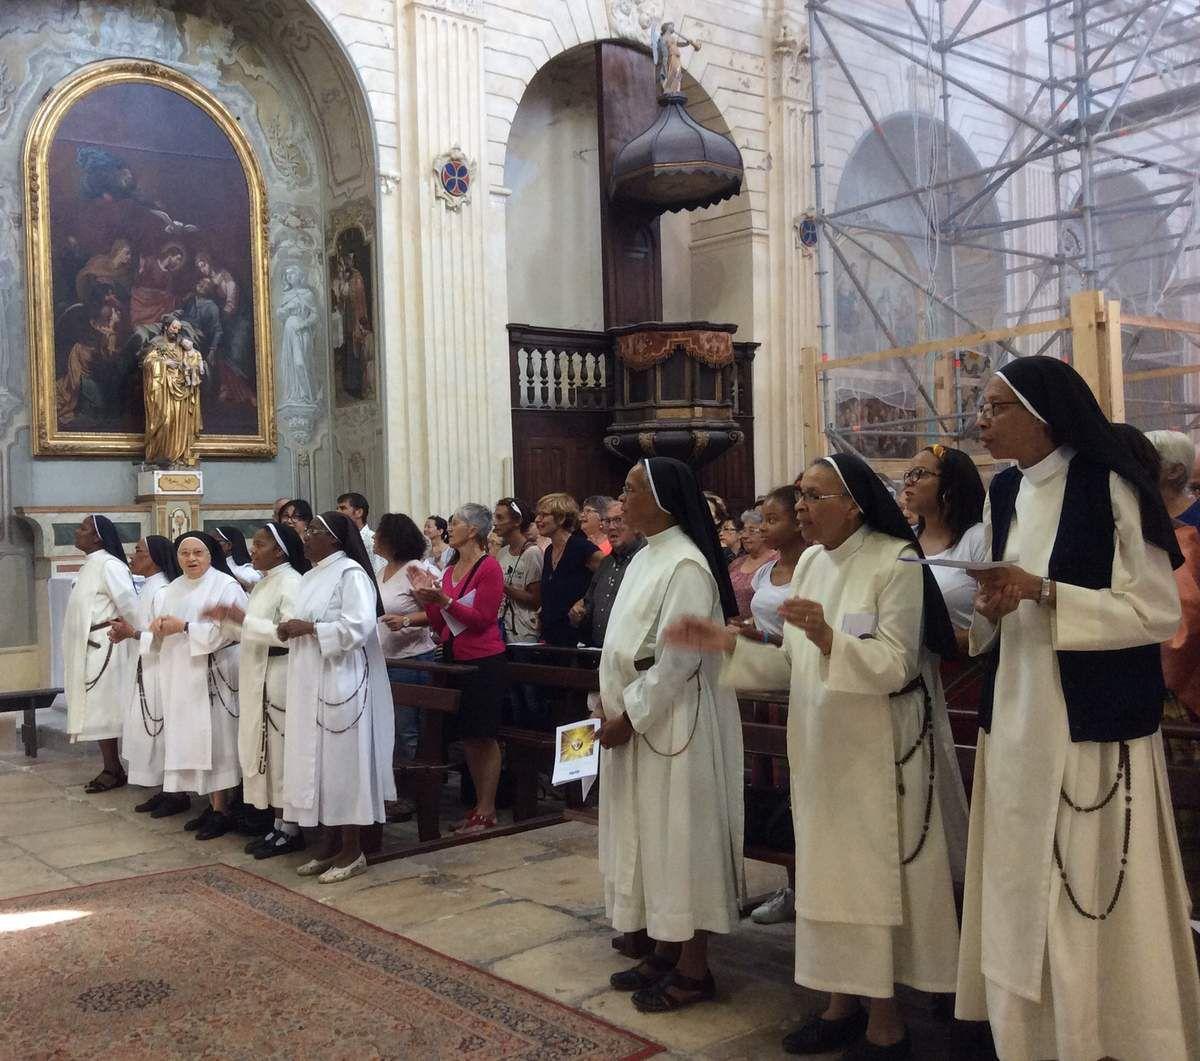 Messe solennelle à La Madeleine, repas festif puis Vêpres à Saint Louis d'Anjou : les Soeurs ont fêté à Martigues les 150 ans de la fondation de leur Congrégation.